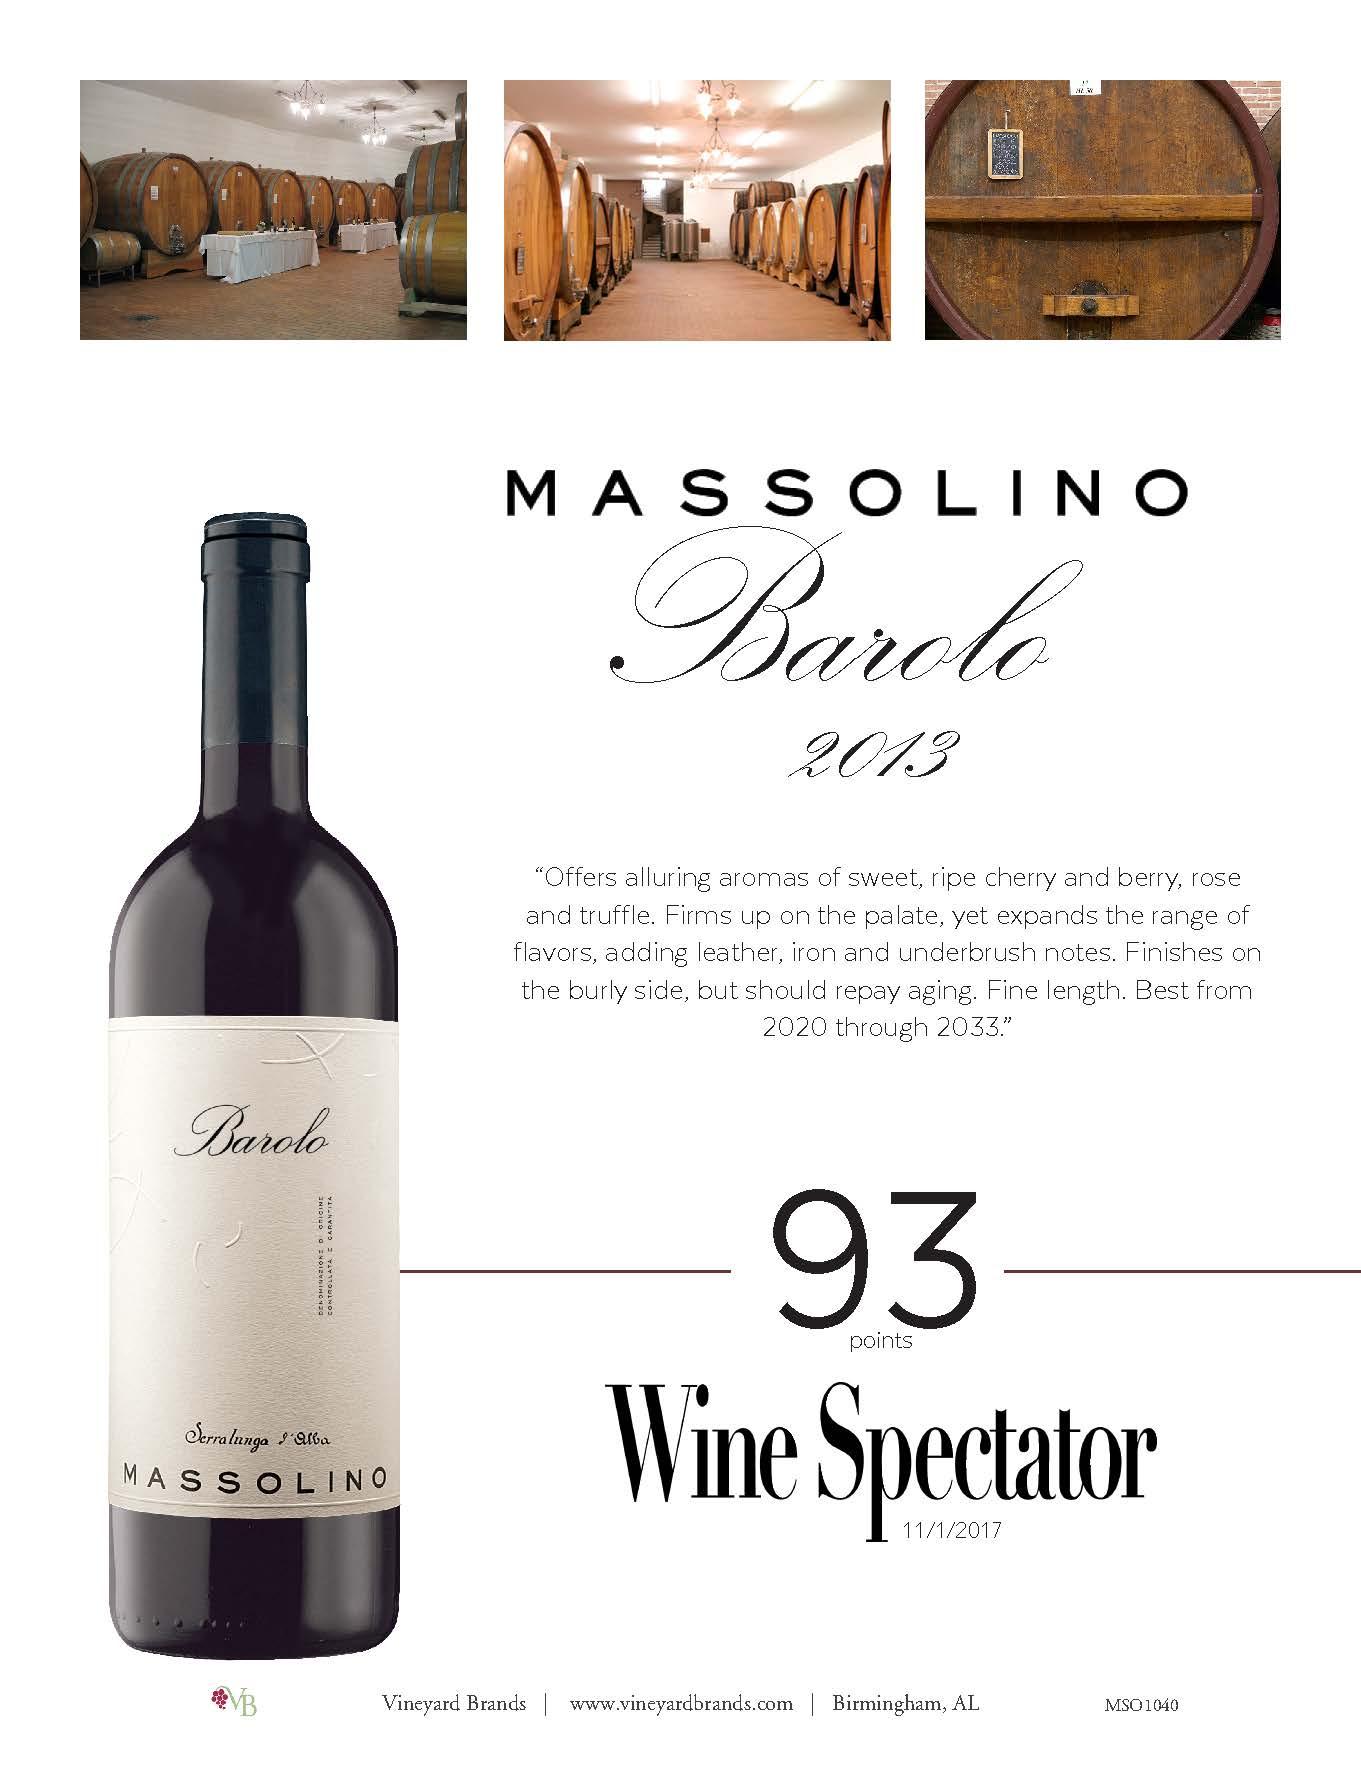 Massolino Barolo 2013.jpg